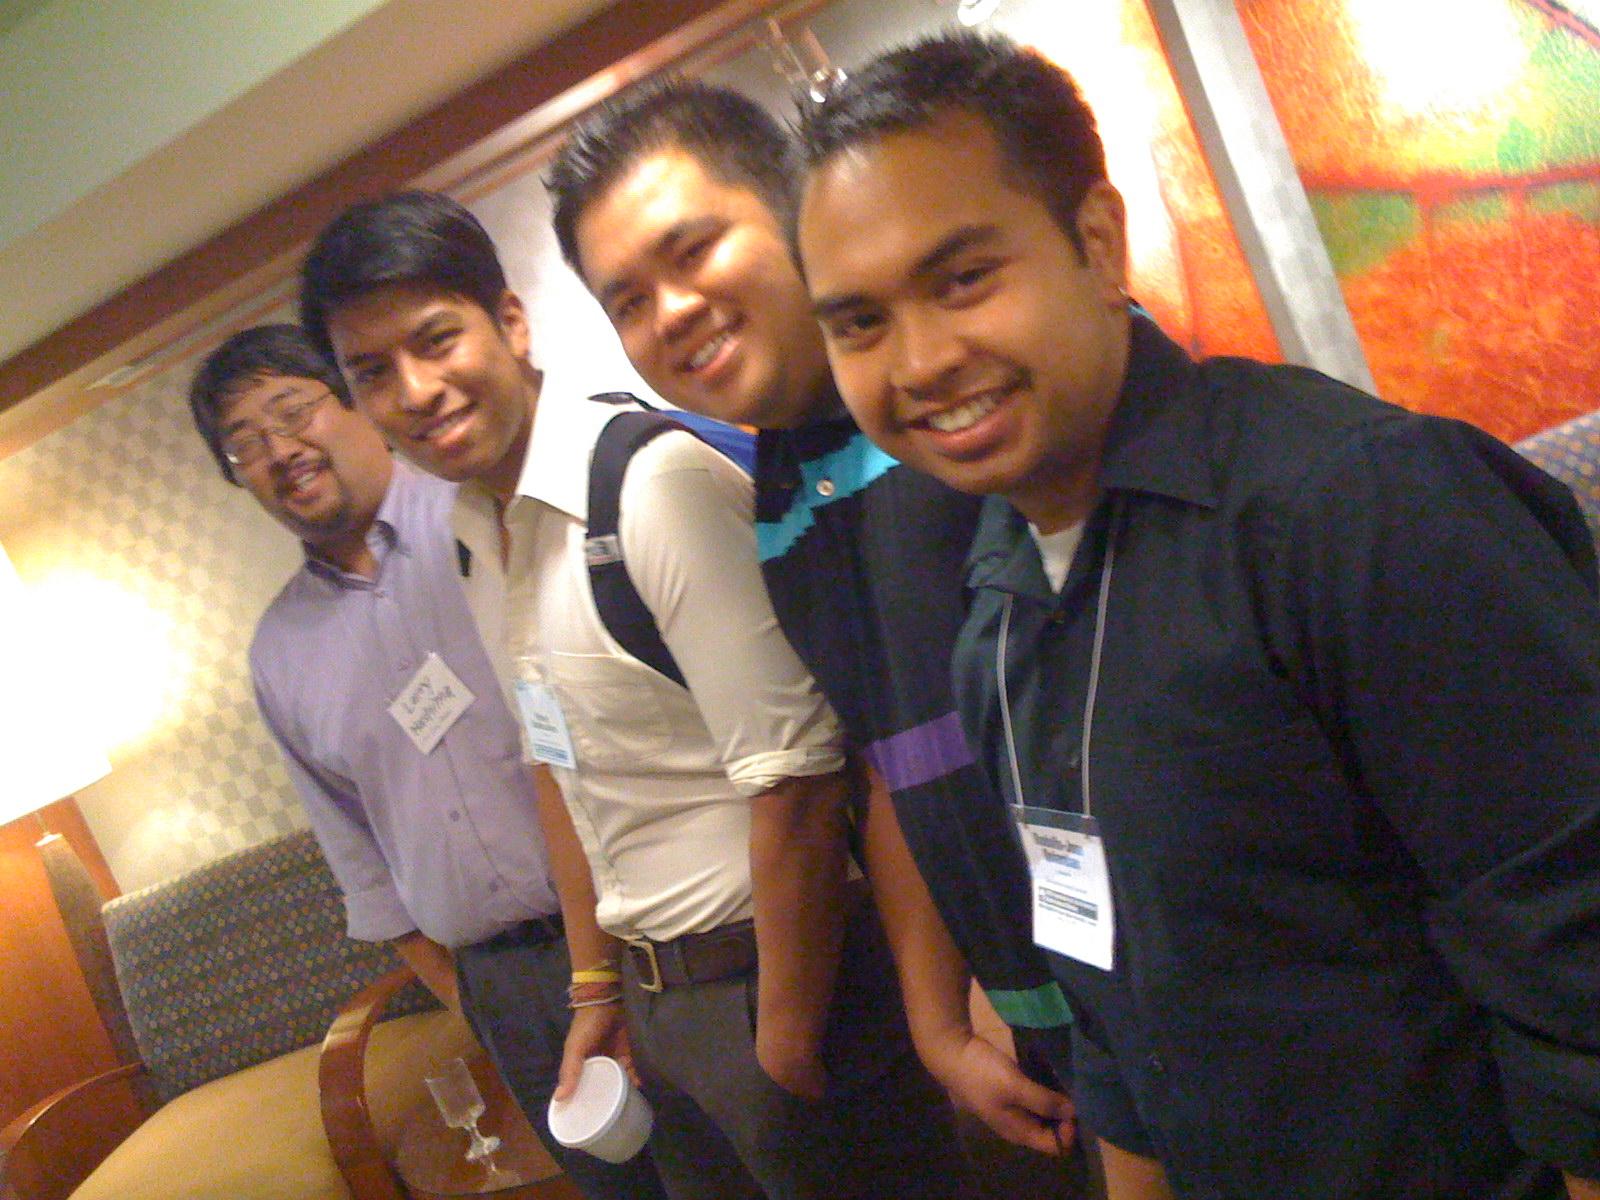 Lawrence Hashima, Pahole Sookkasikon, Kevin Lim & RJ Quiambao rock the house, AAAS 2009